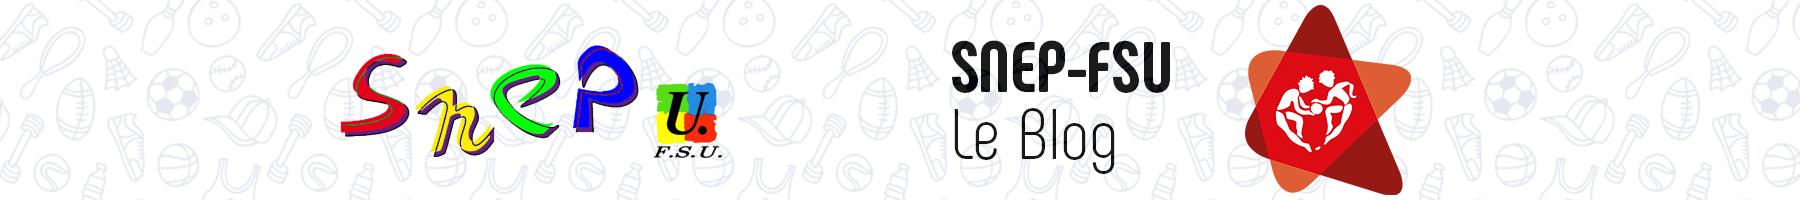 Le blog du SNEP